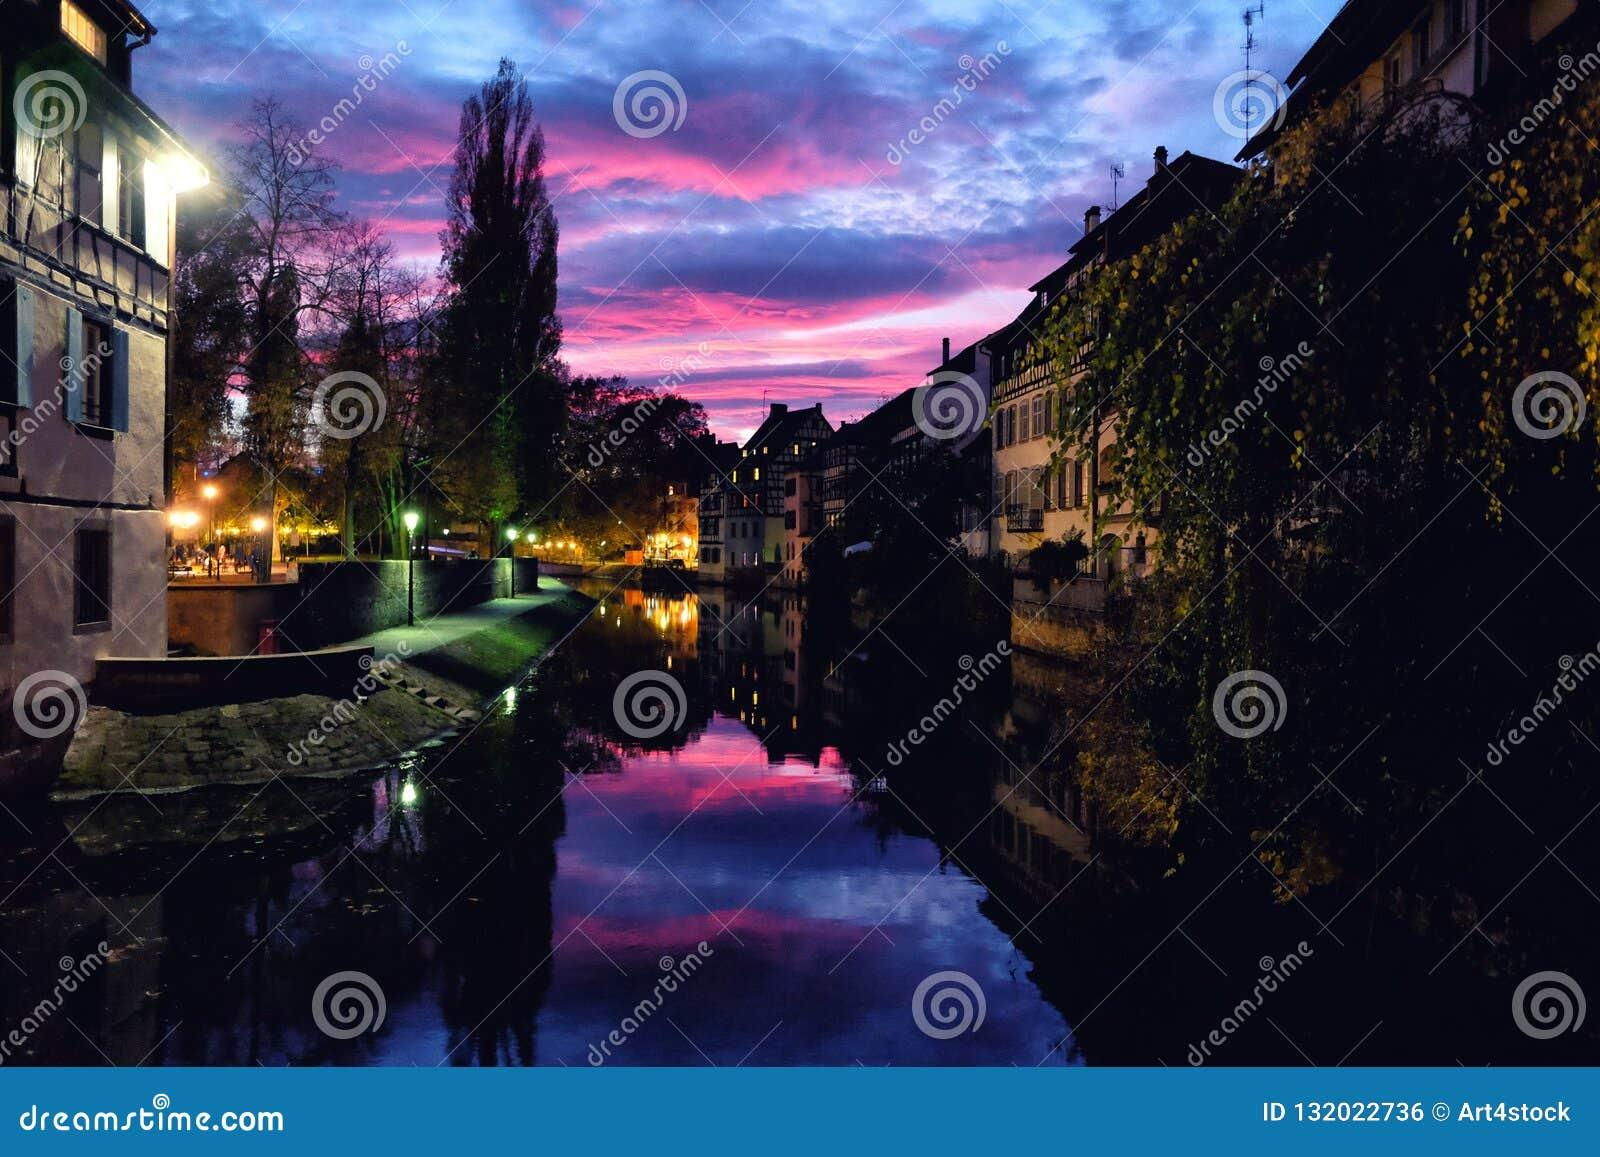 Ηλιοβασίλεμα πέρα από τη λεπτοκαμωμένη περιοχή της Γαλλίας στο Στρασβούργο, Γερμανία